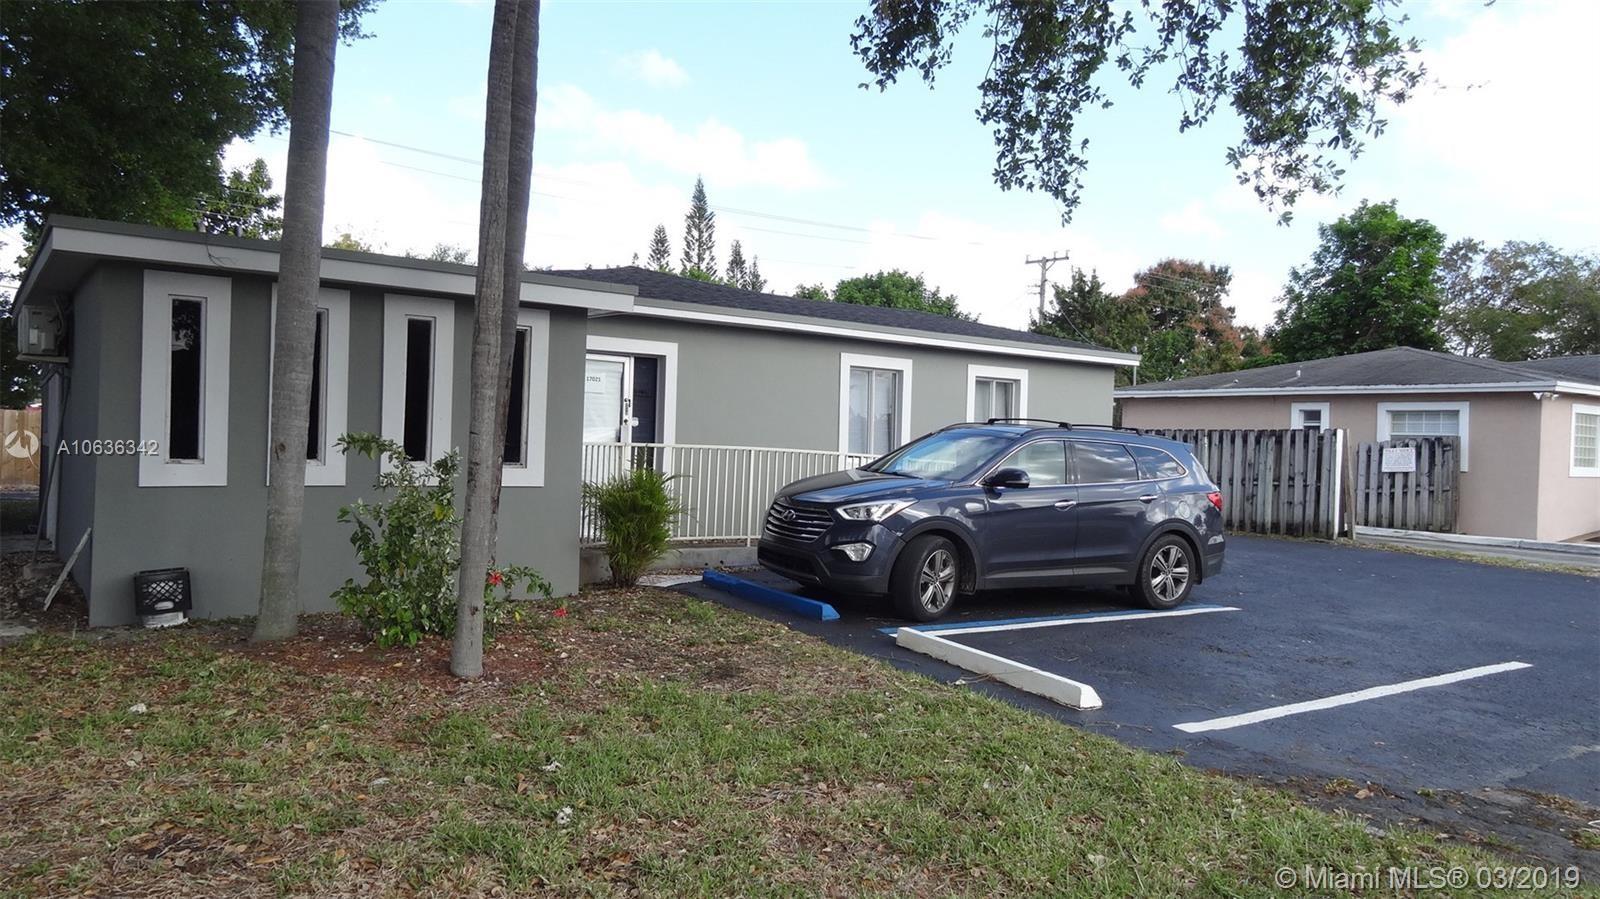 17021 NE 6th Ave, North Miami Beach, FL 33162